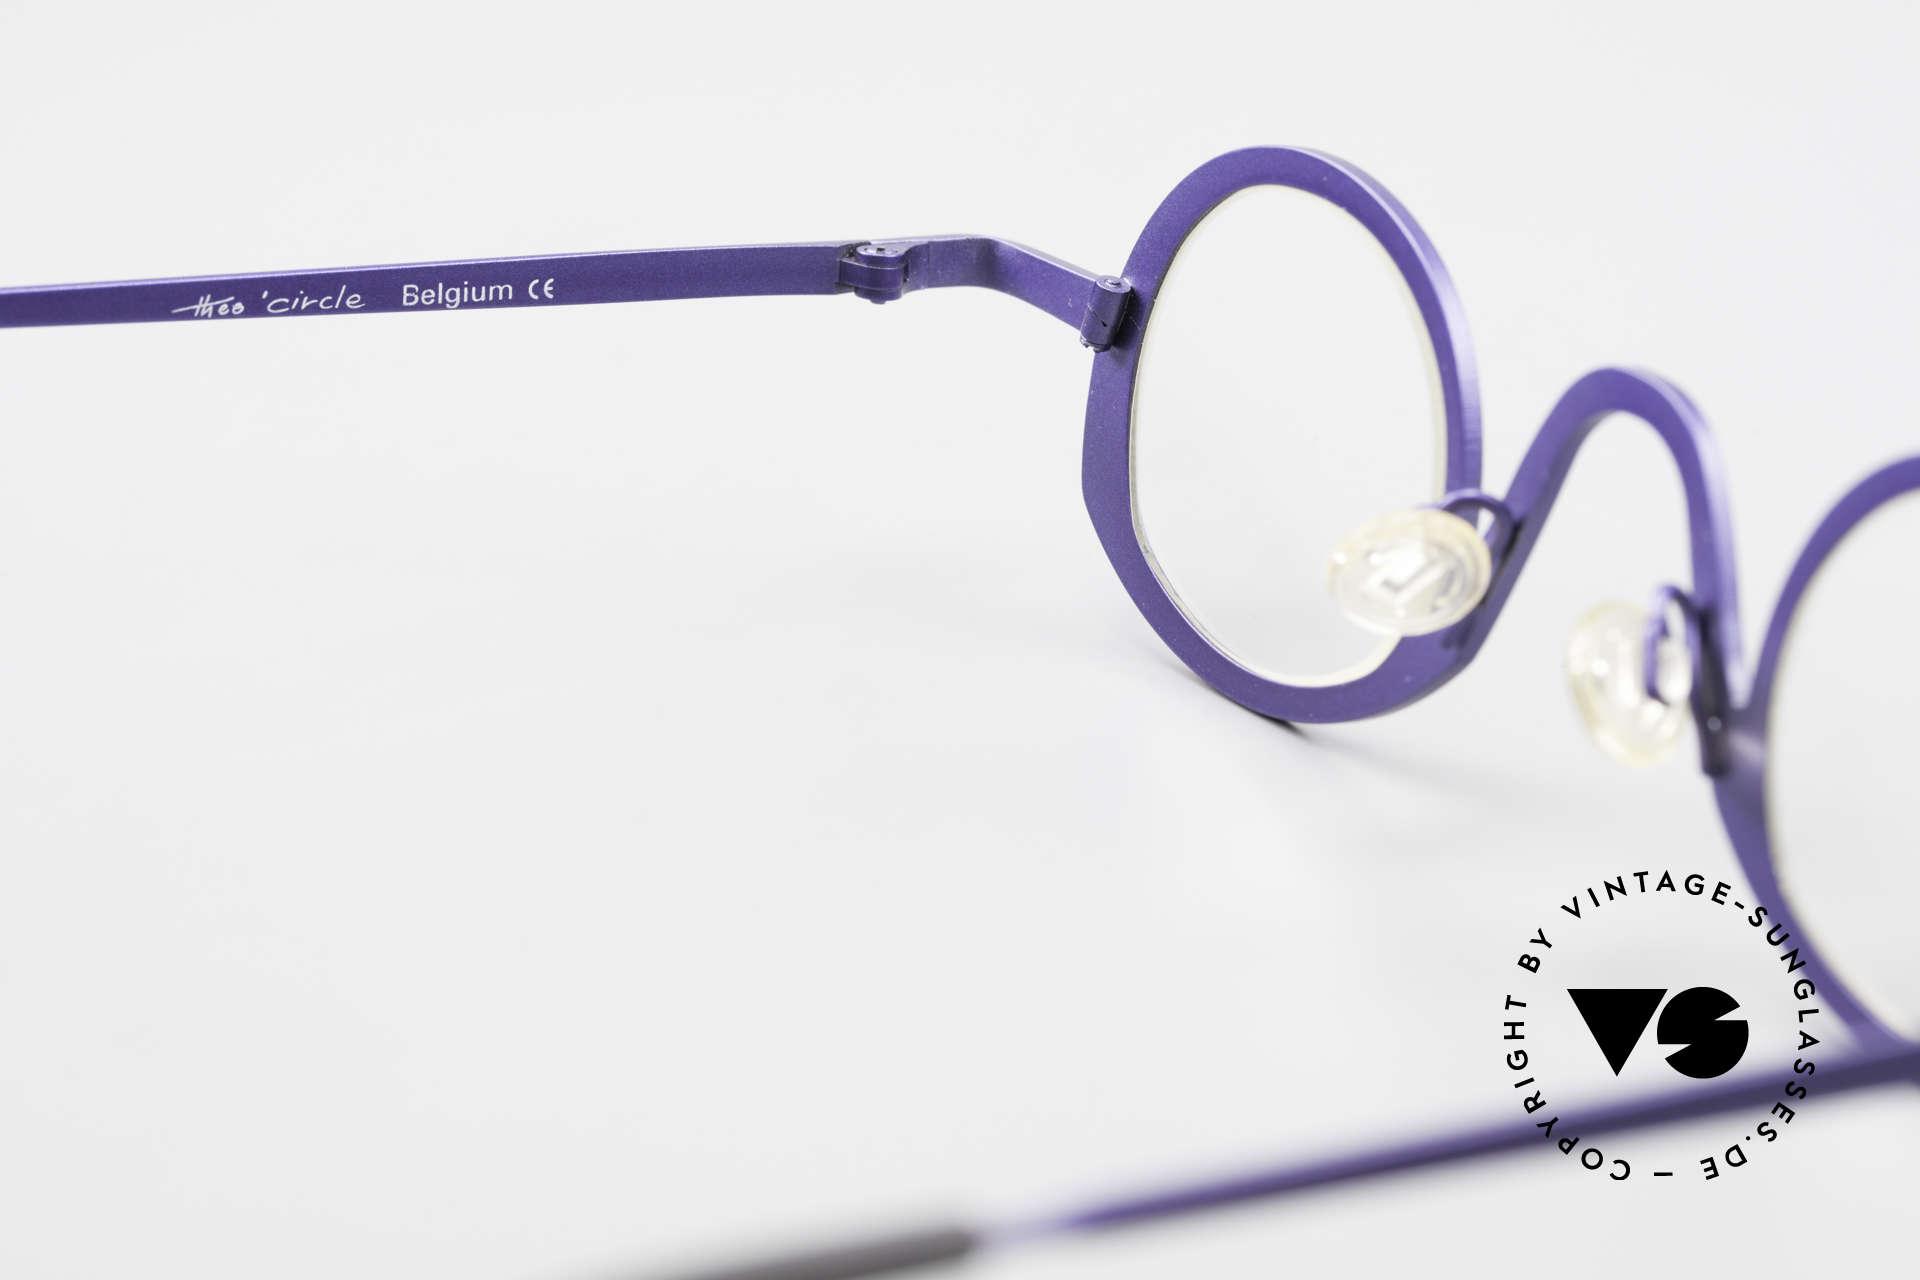 Theo Belgium Circle Trendsetter Vintage Brille, Größe: medium, Passend für Herren und Damen